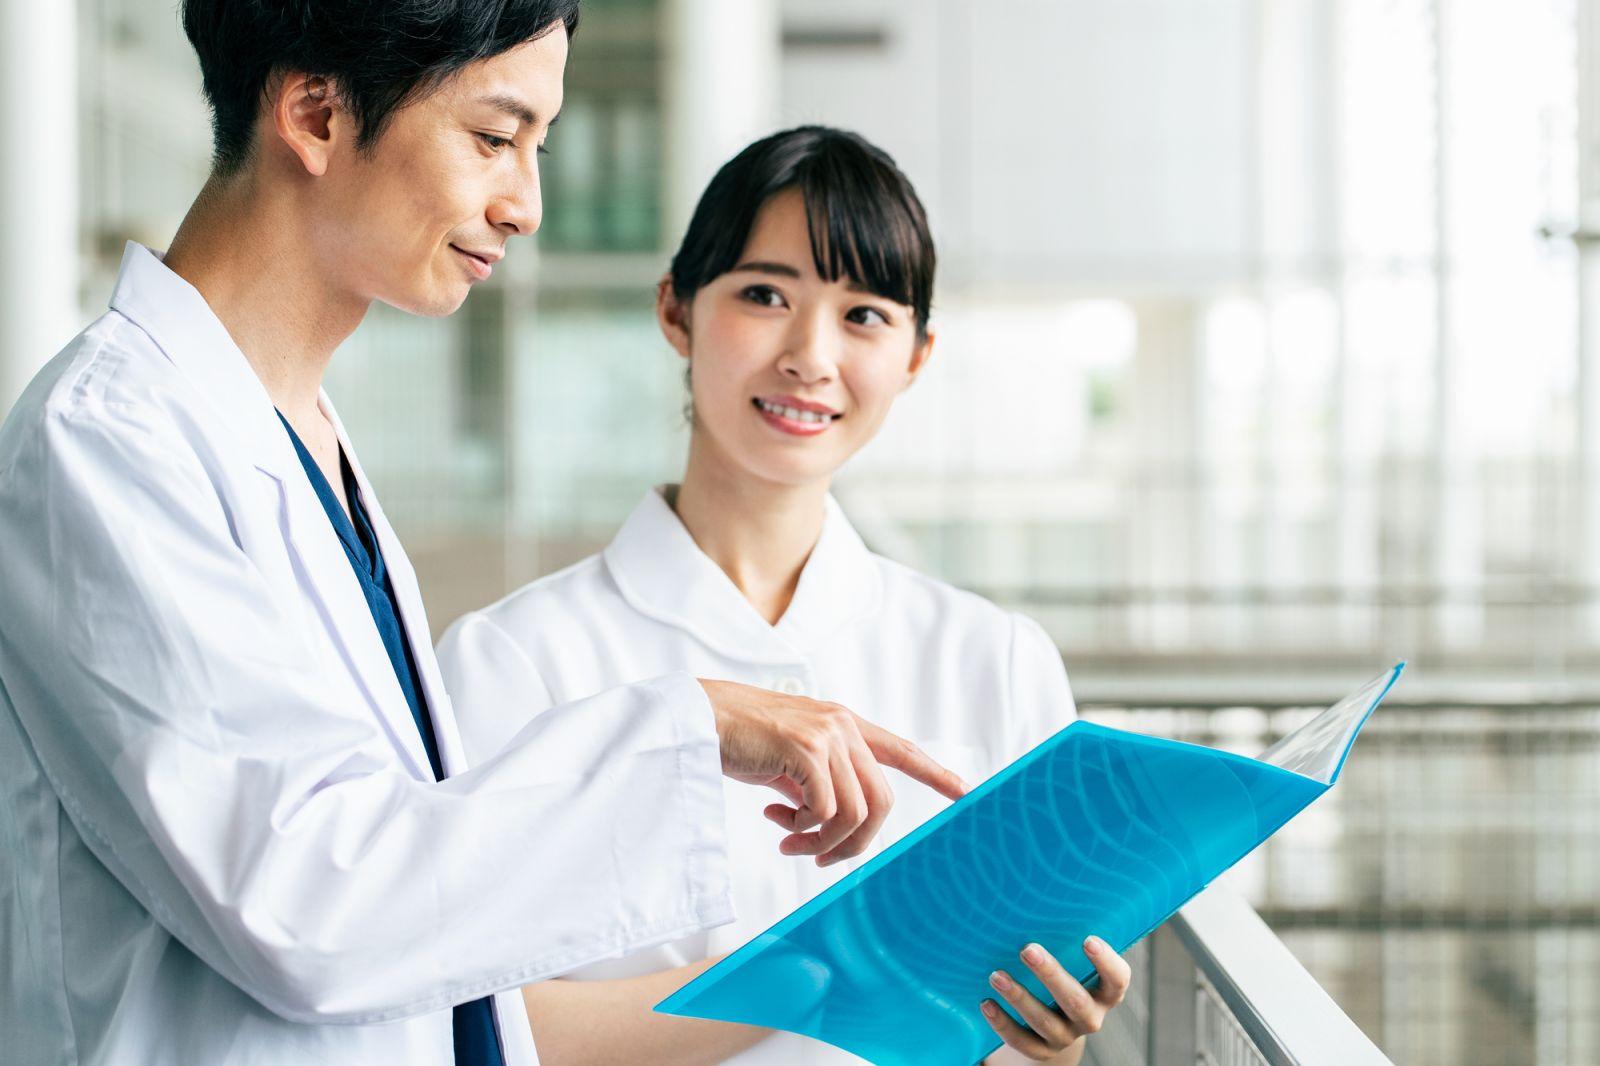 医療関係(看護師・救急救命士)の時間割例